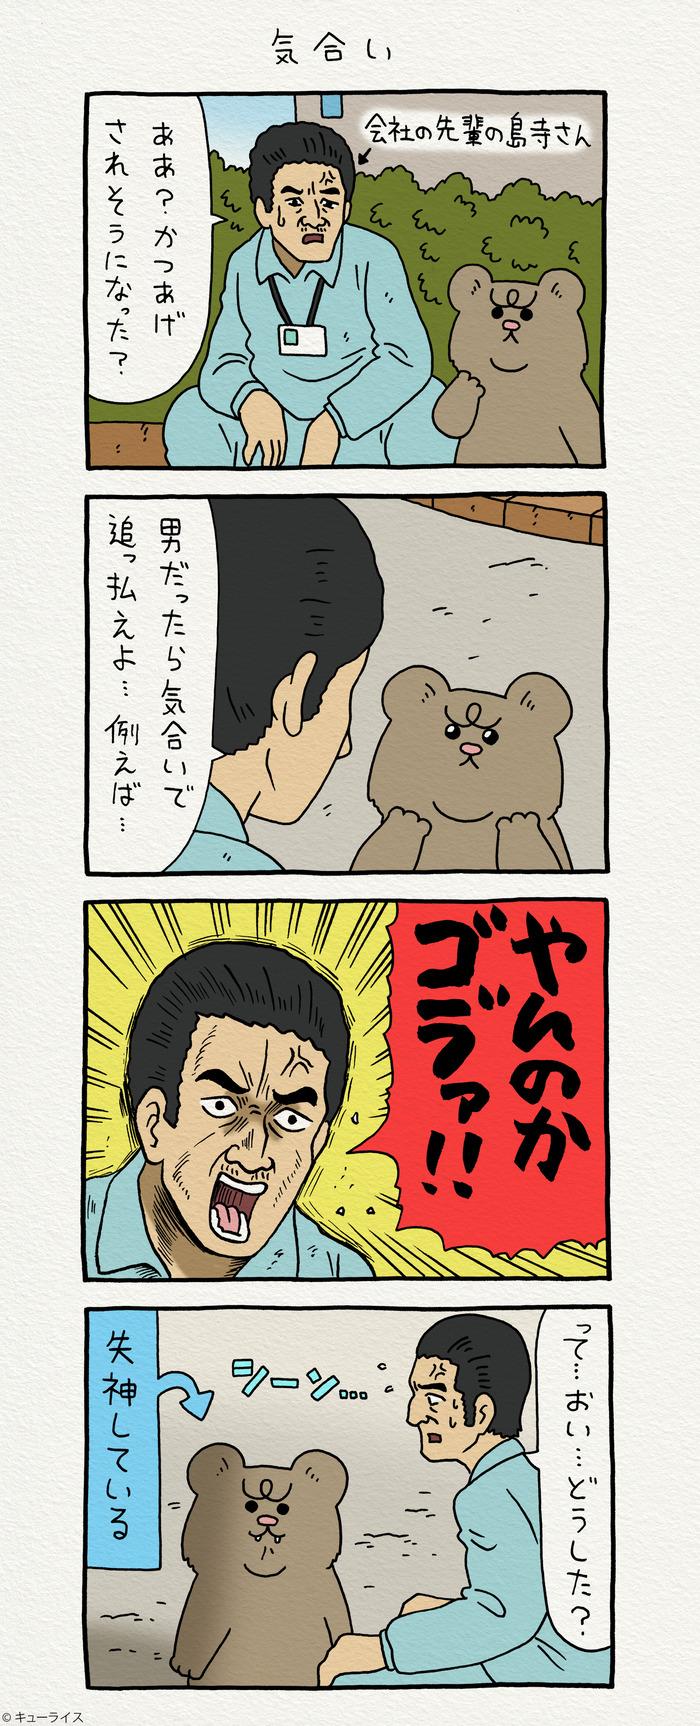 悲熊は強くなりたい 2 のコピー